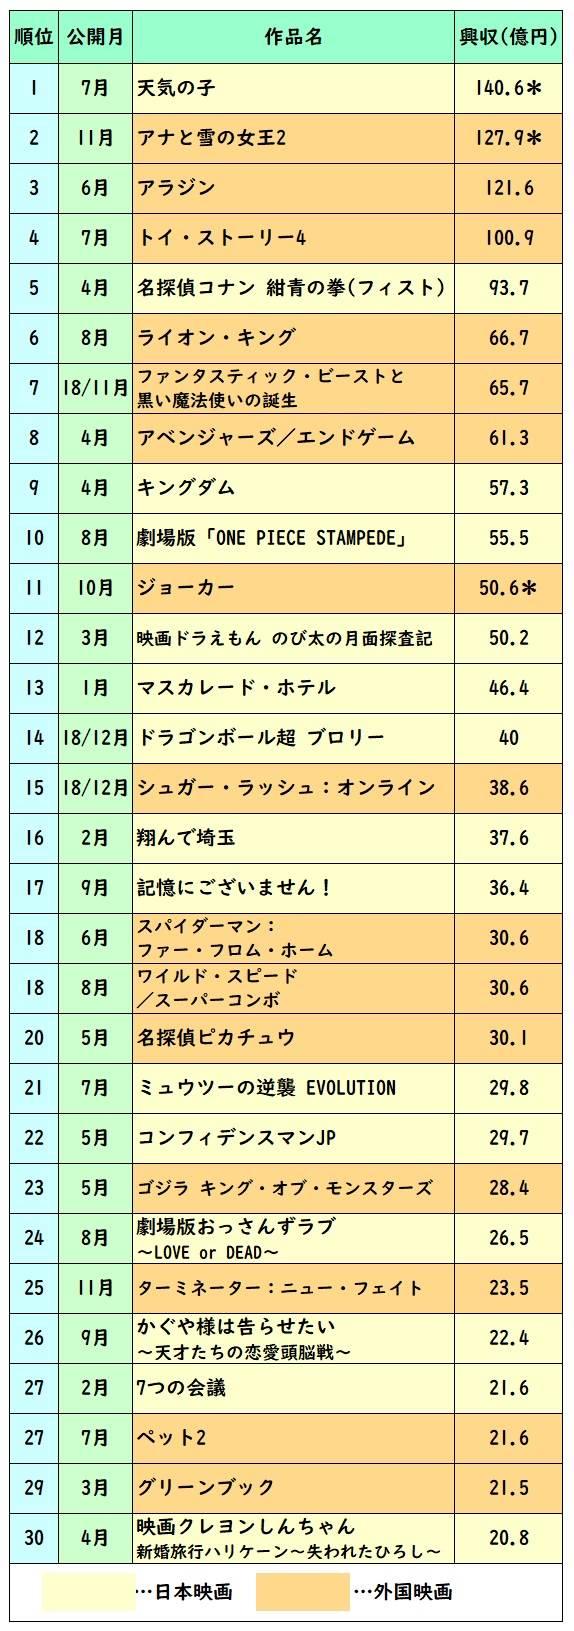 収入 ランキング 2019 映画 興行